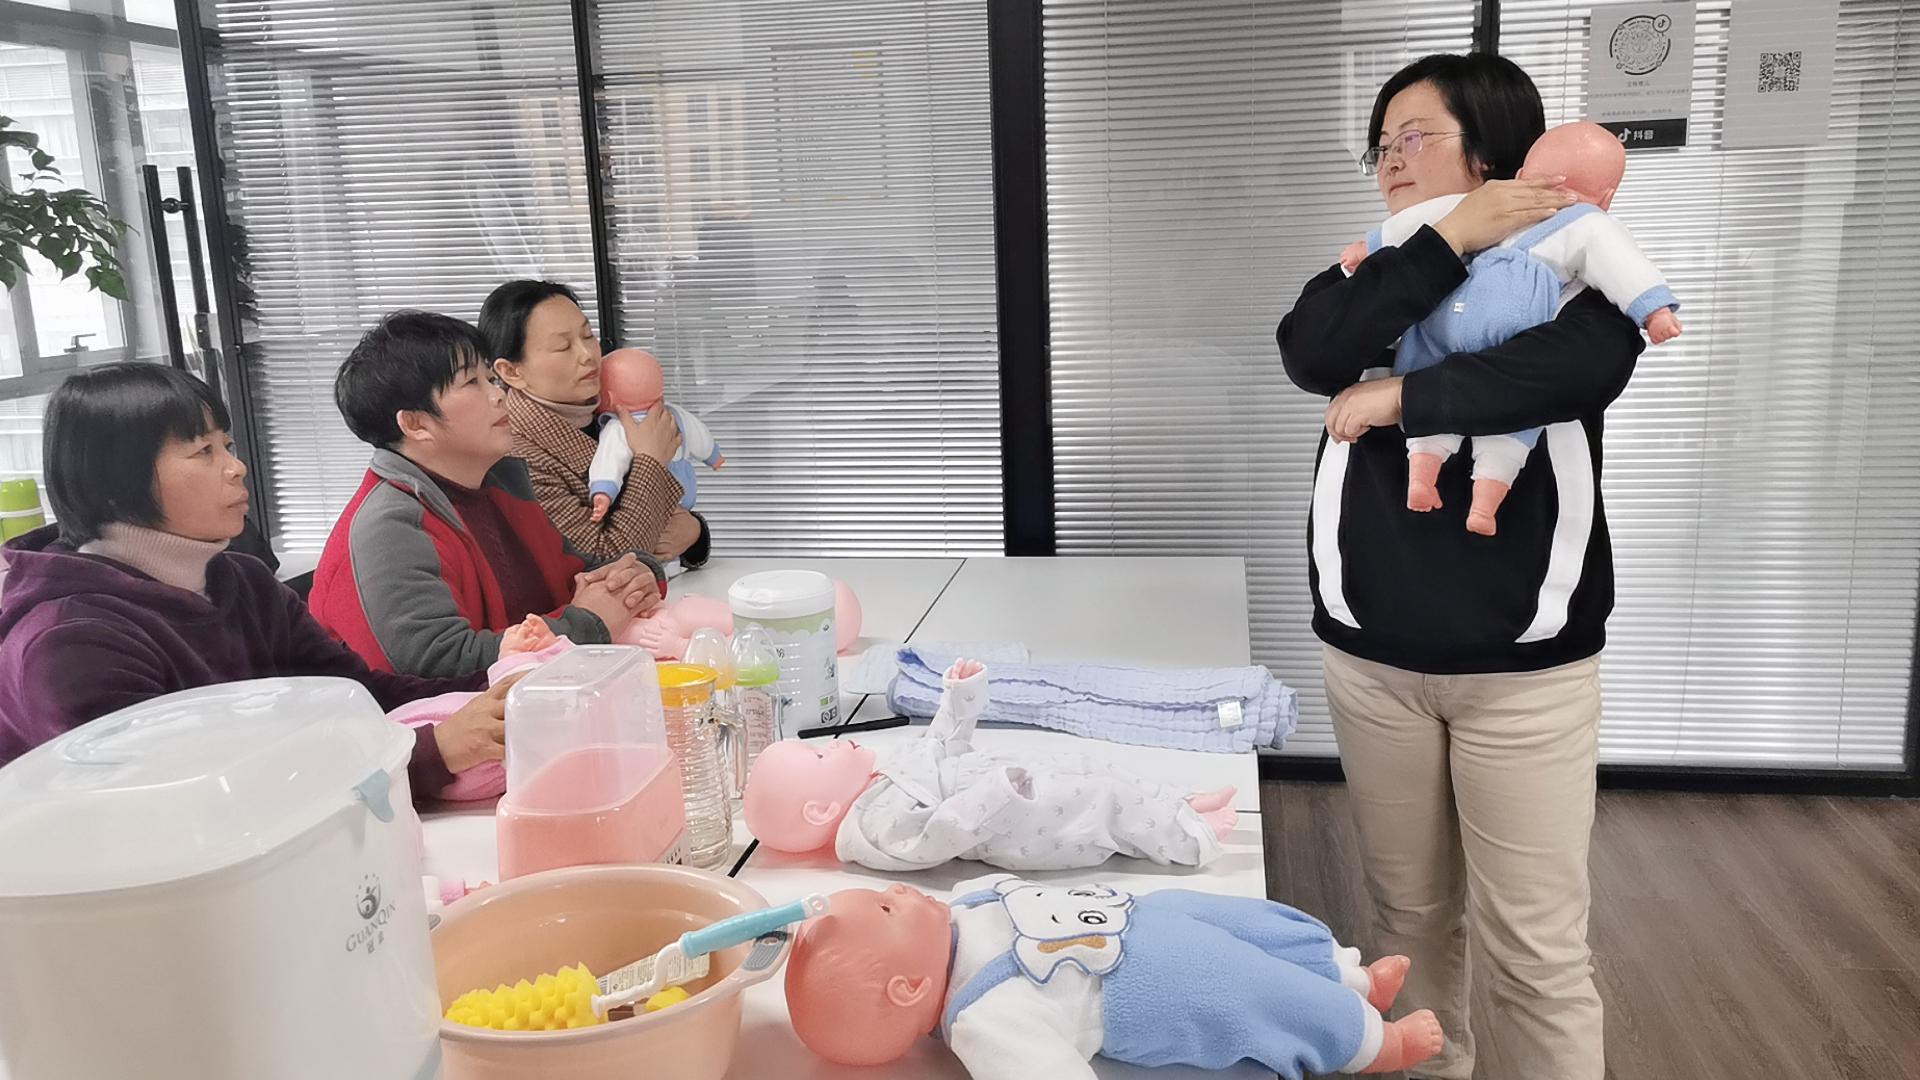 母婴护理培训班上课现场